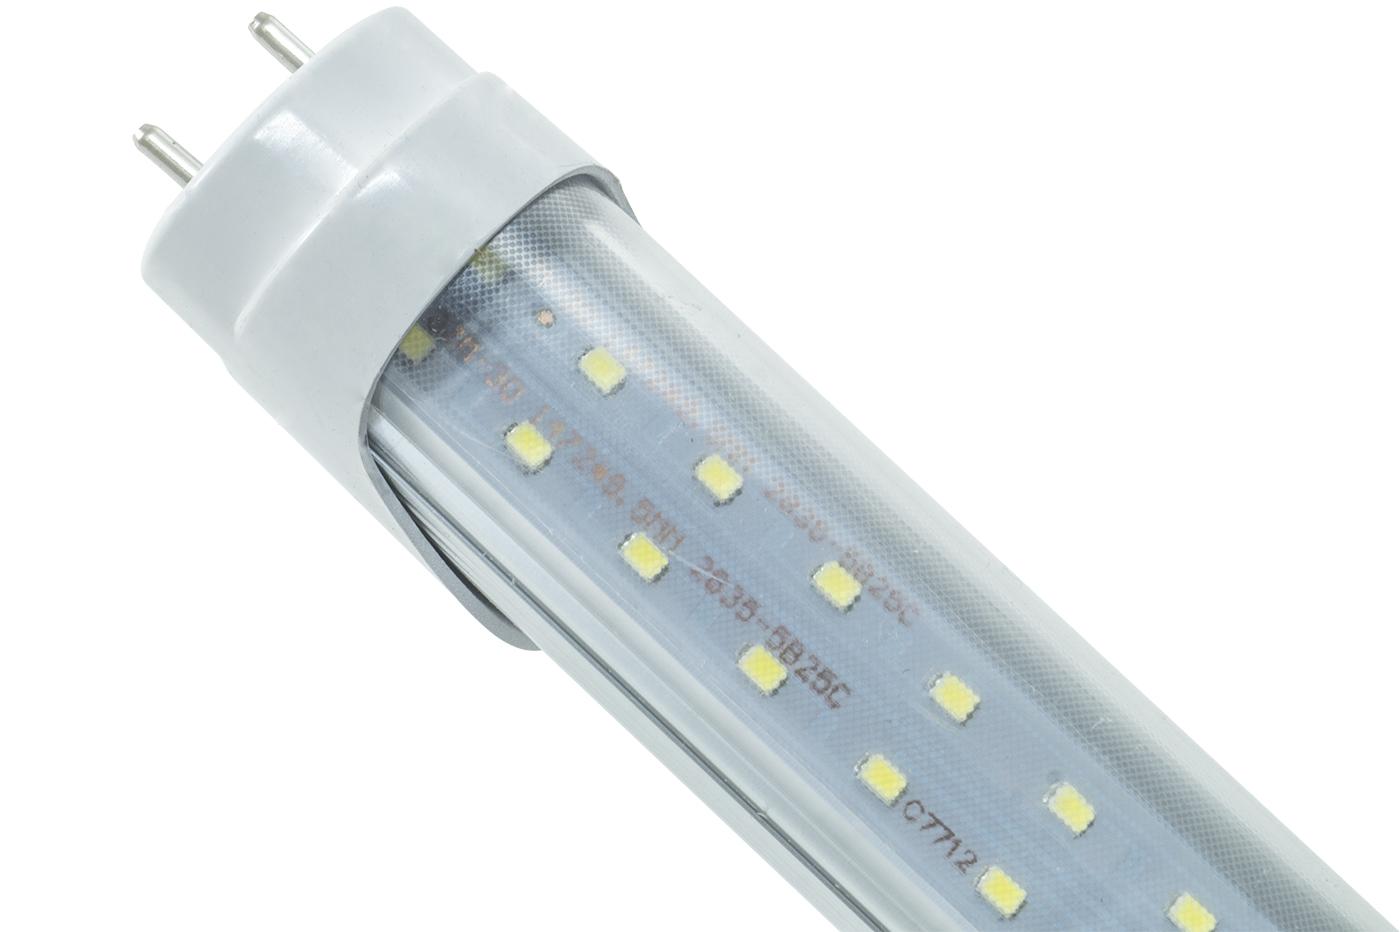 Plafoniera Led 150 Cm 2x22w : Tubo led luce fredda w watt cm smd t plafoniera